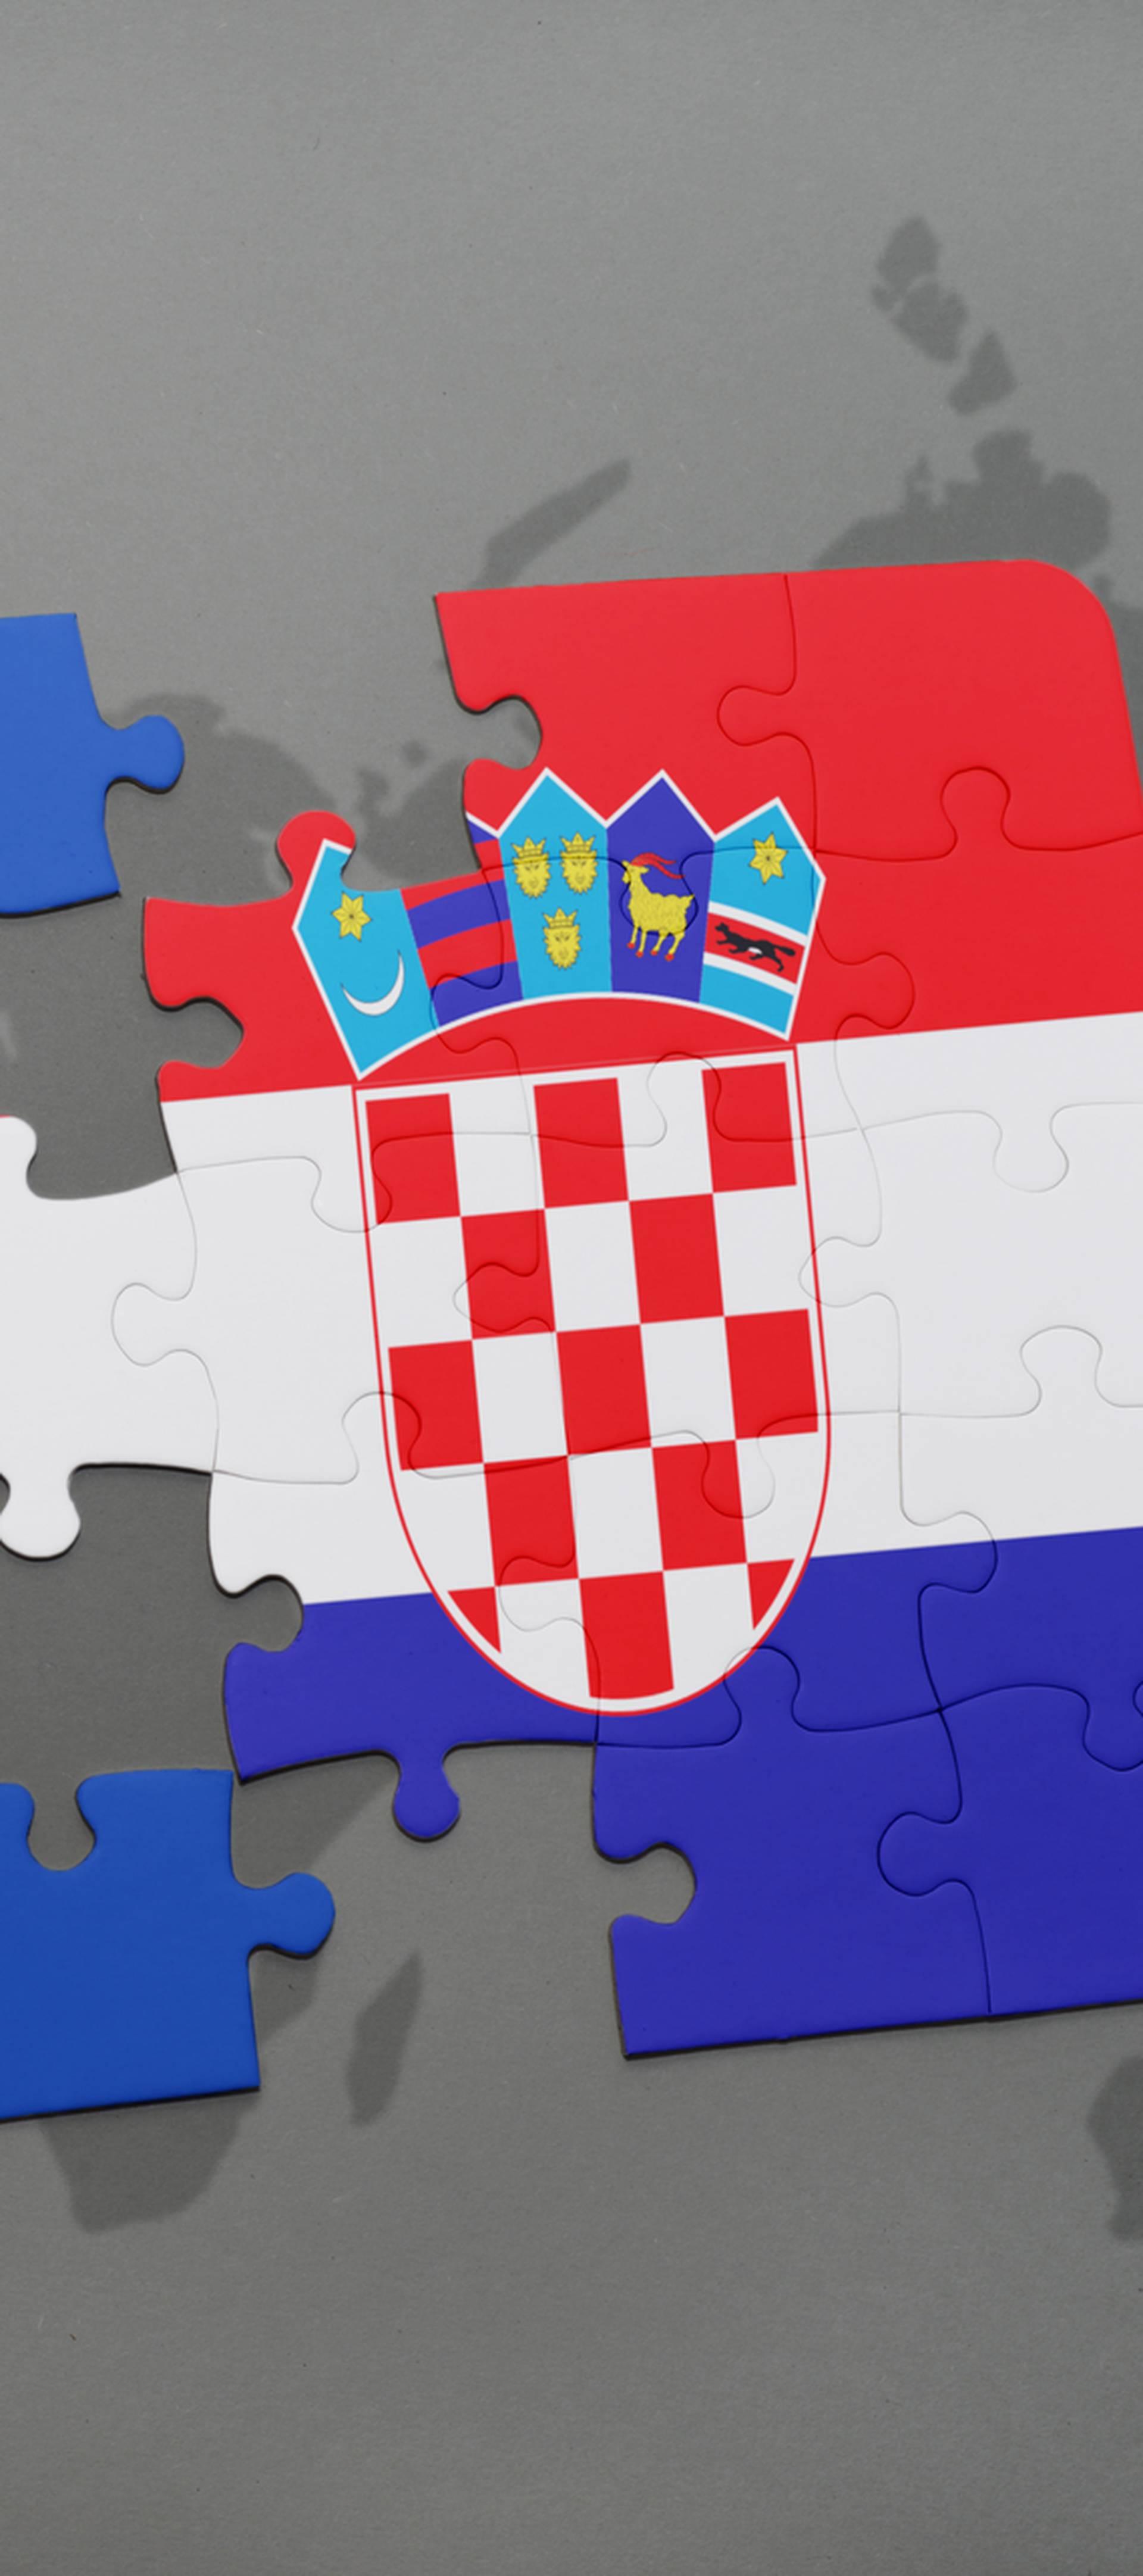 Hrvatske 'muke' u EU: Porasle cijene, plaće i sve nas je manje